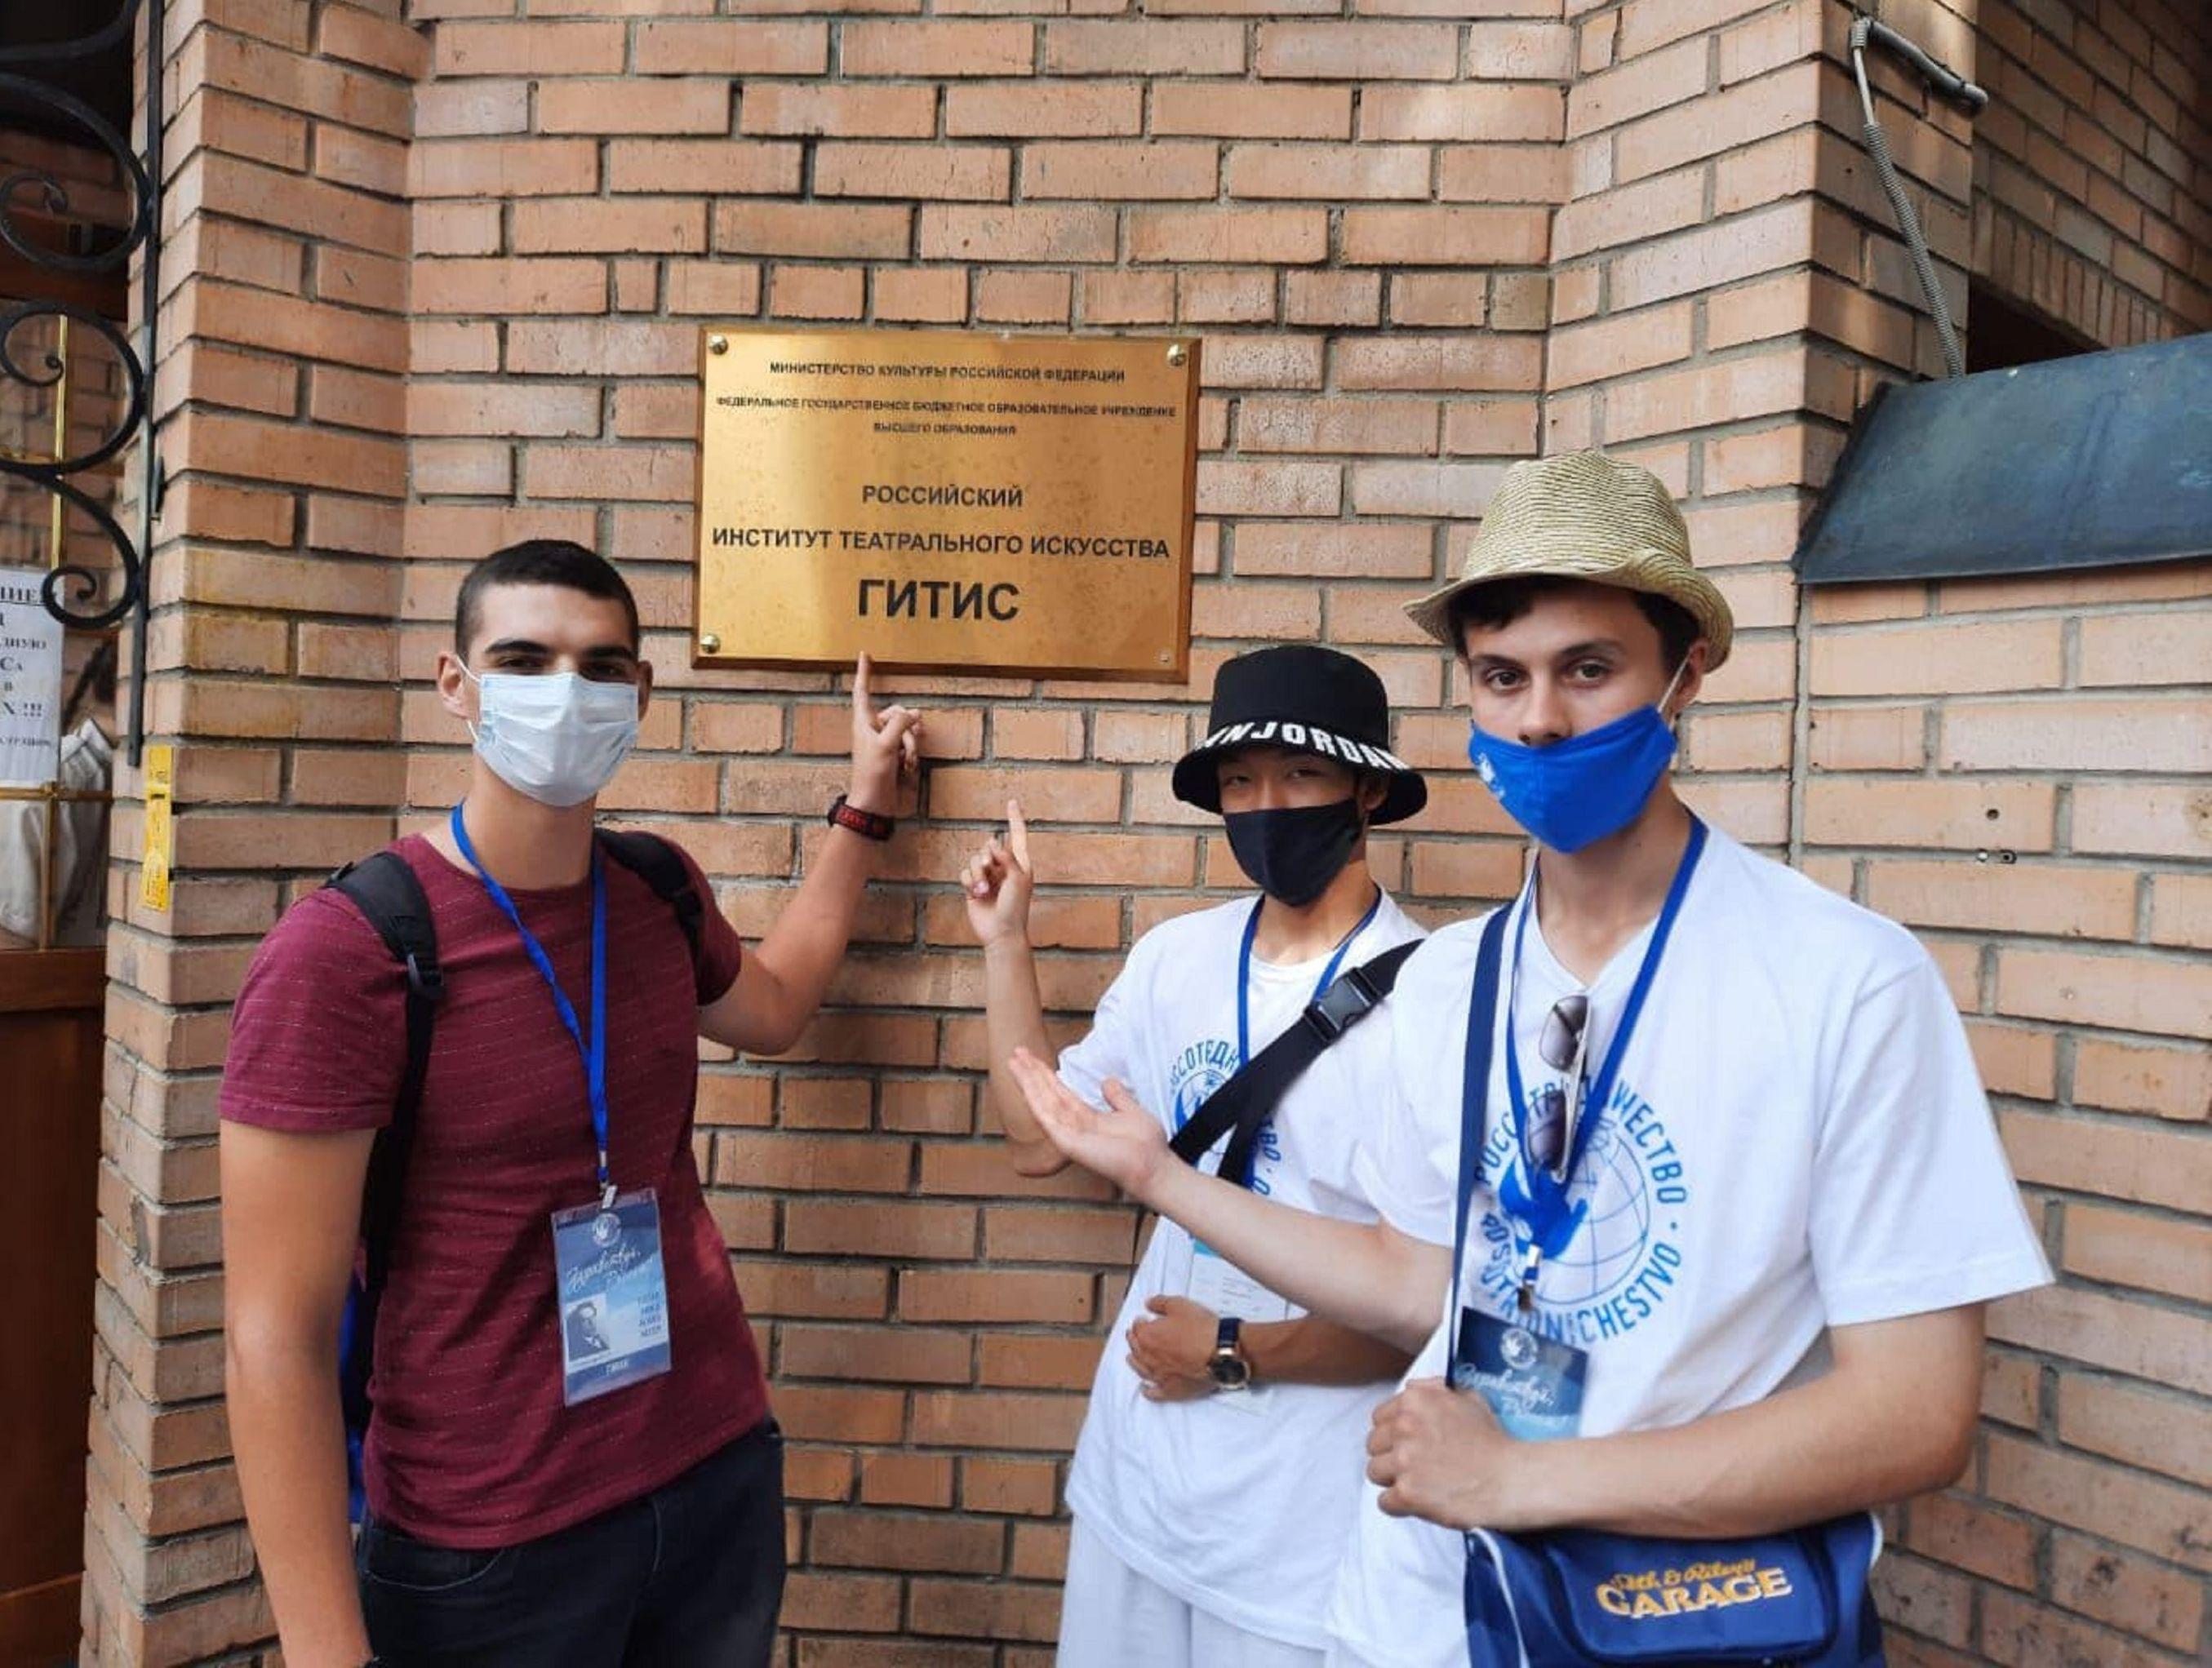 Казахстанские школьники побывали в Москве по программе Здравствуй, Россия!